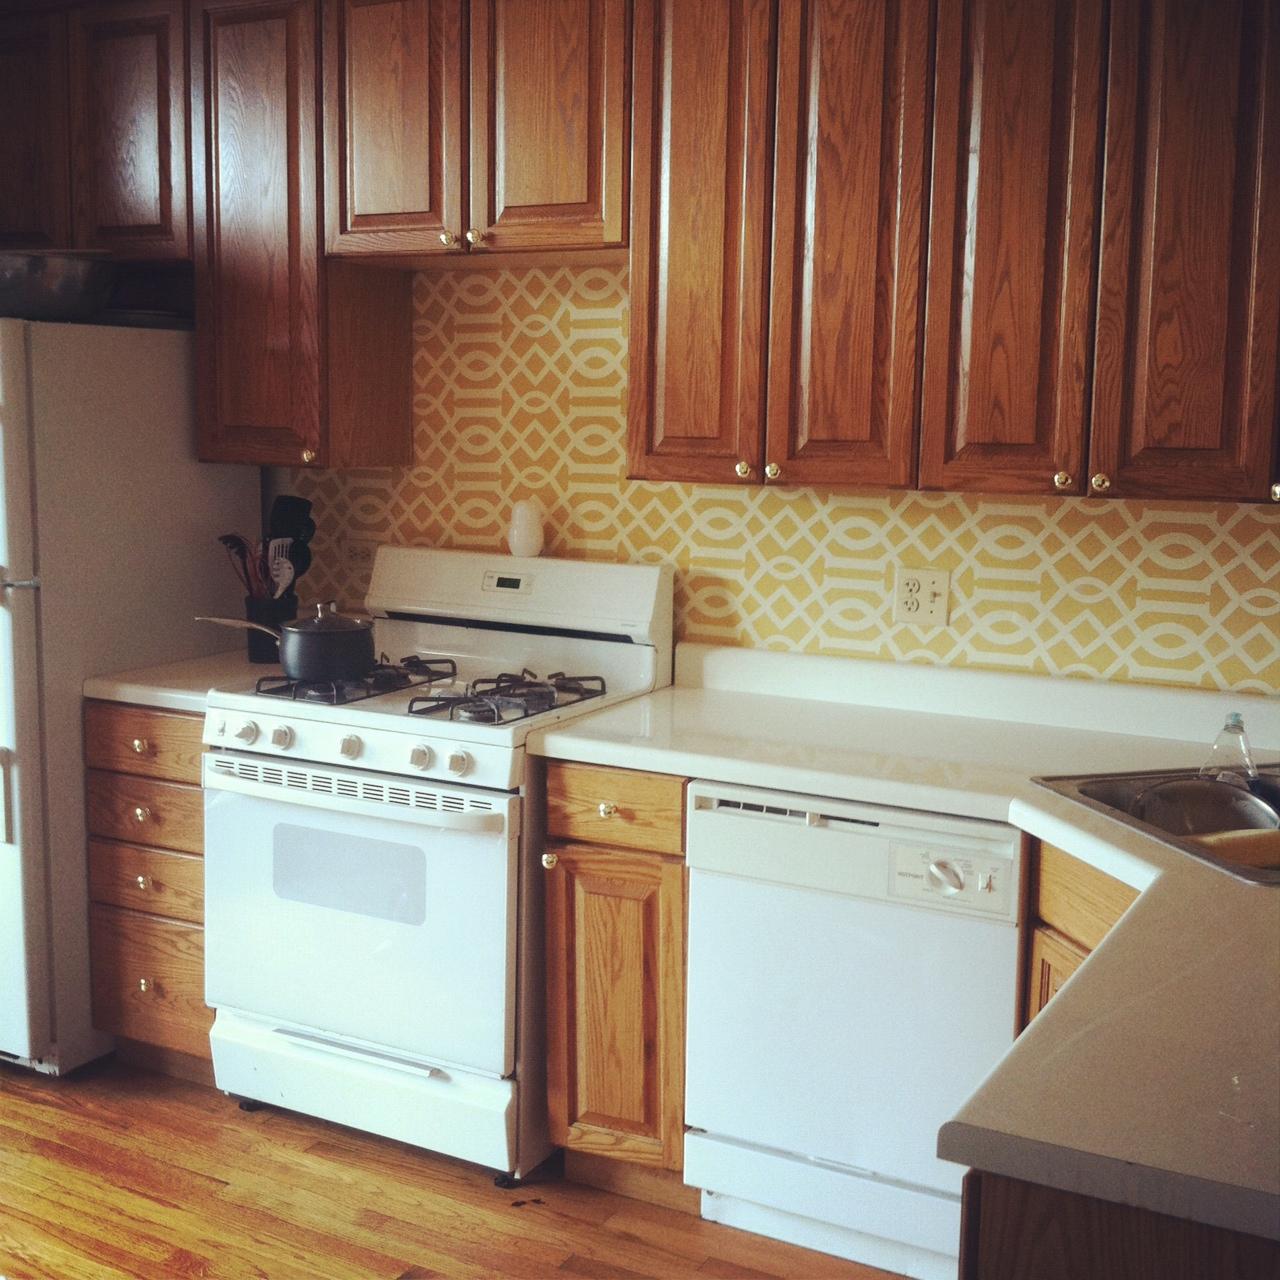 http://4.bp.blogspot.com/-B4-vpjkR4OM/T4UHeJXpfuI/AAAAAAAAADk/fb4Nzx3qndg/s1600/kitchen.jpg